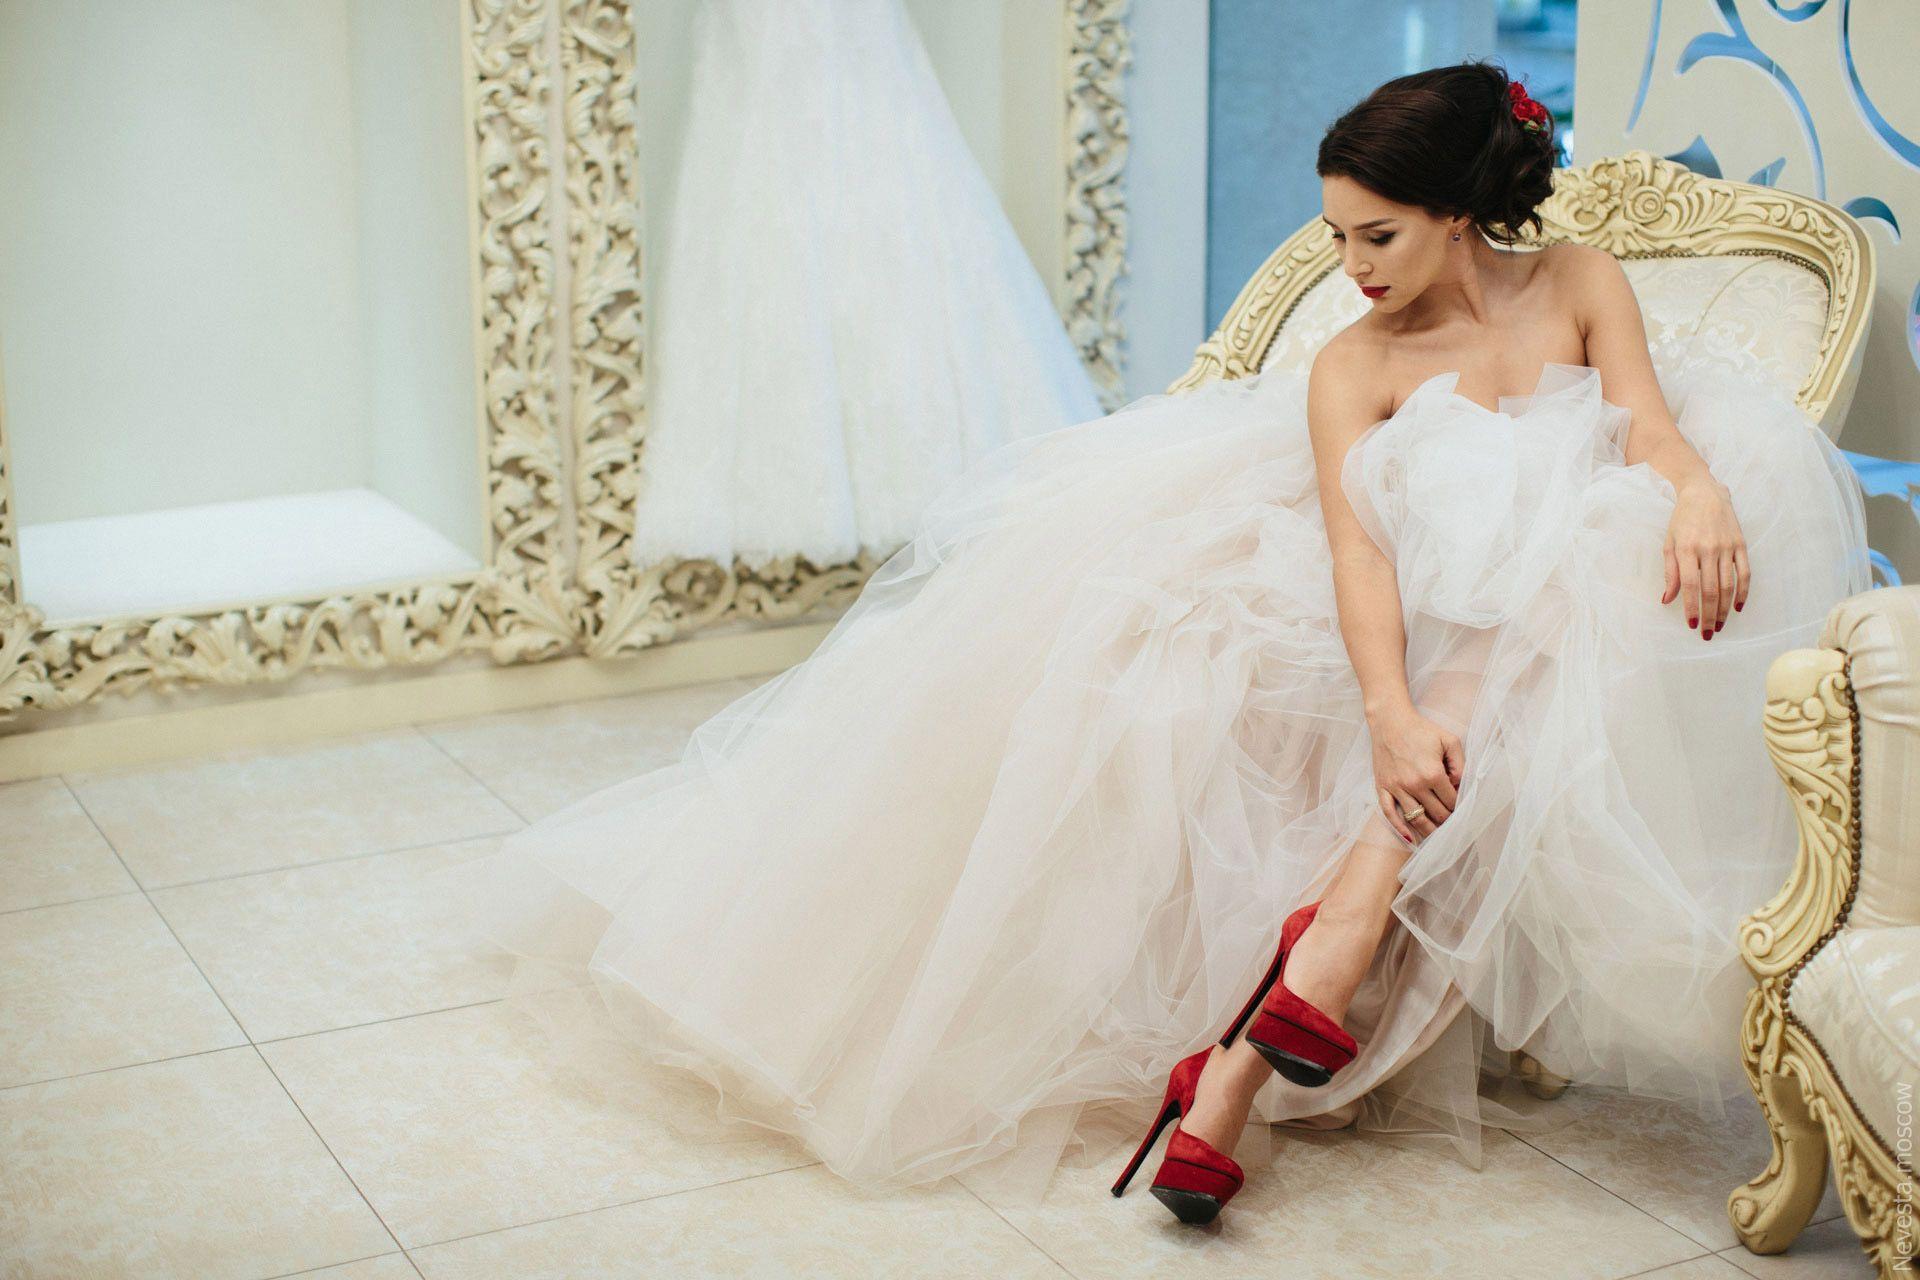 «Королева России» Диана Пегас примеряет образ для испанской свадьбы, фото 7